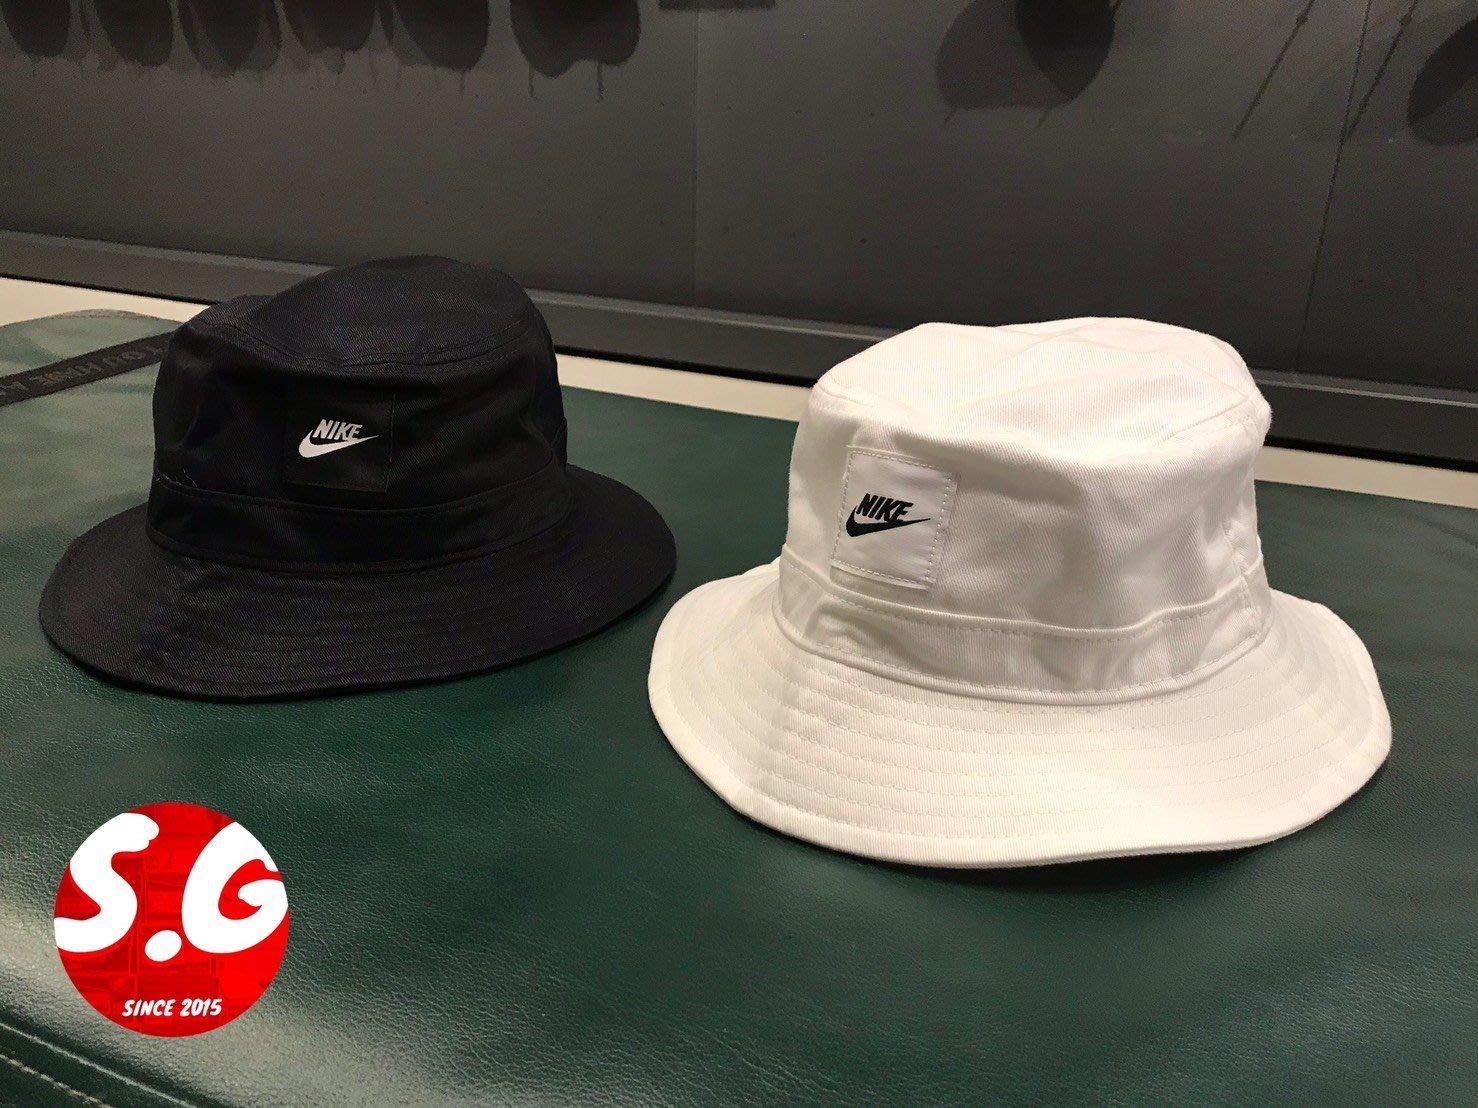 S.G NIKE NSW BUCKET 帆布 帽子 穿搭 休閒 遮陽帽 漁夫帽 男女 黑CK5324-010 白 100